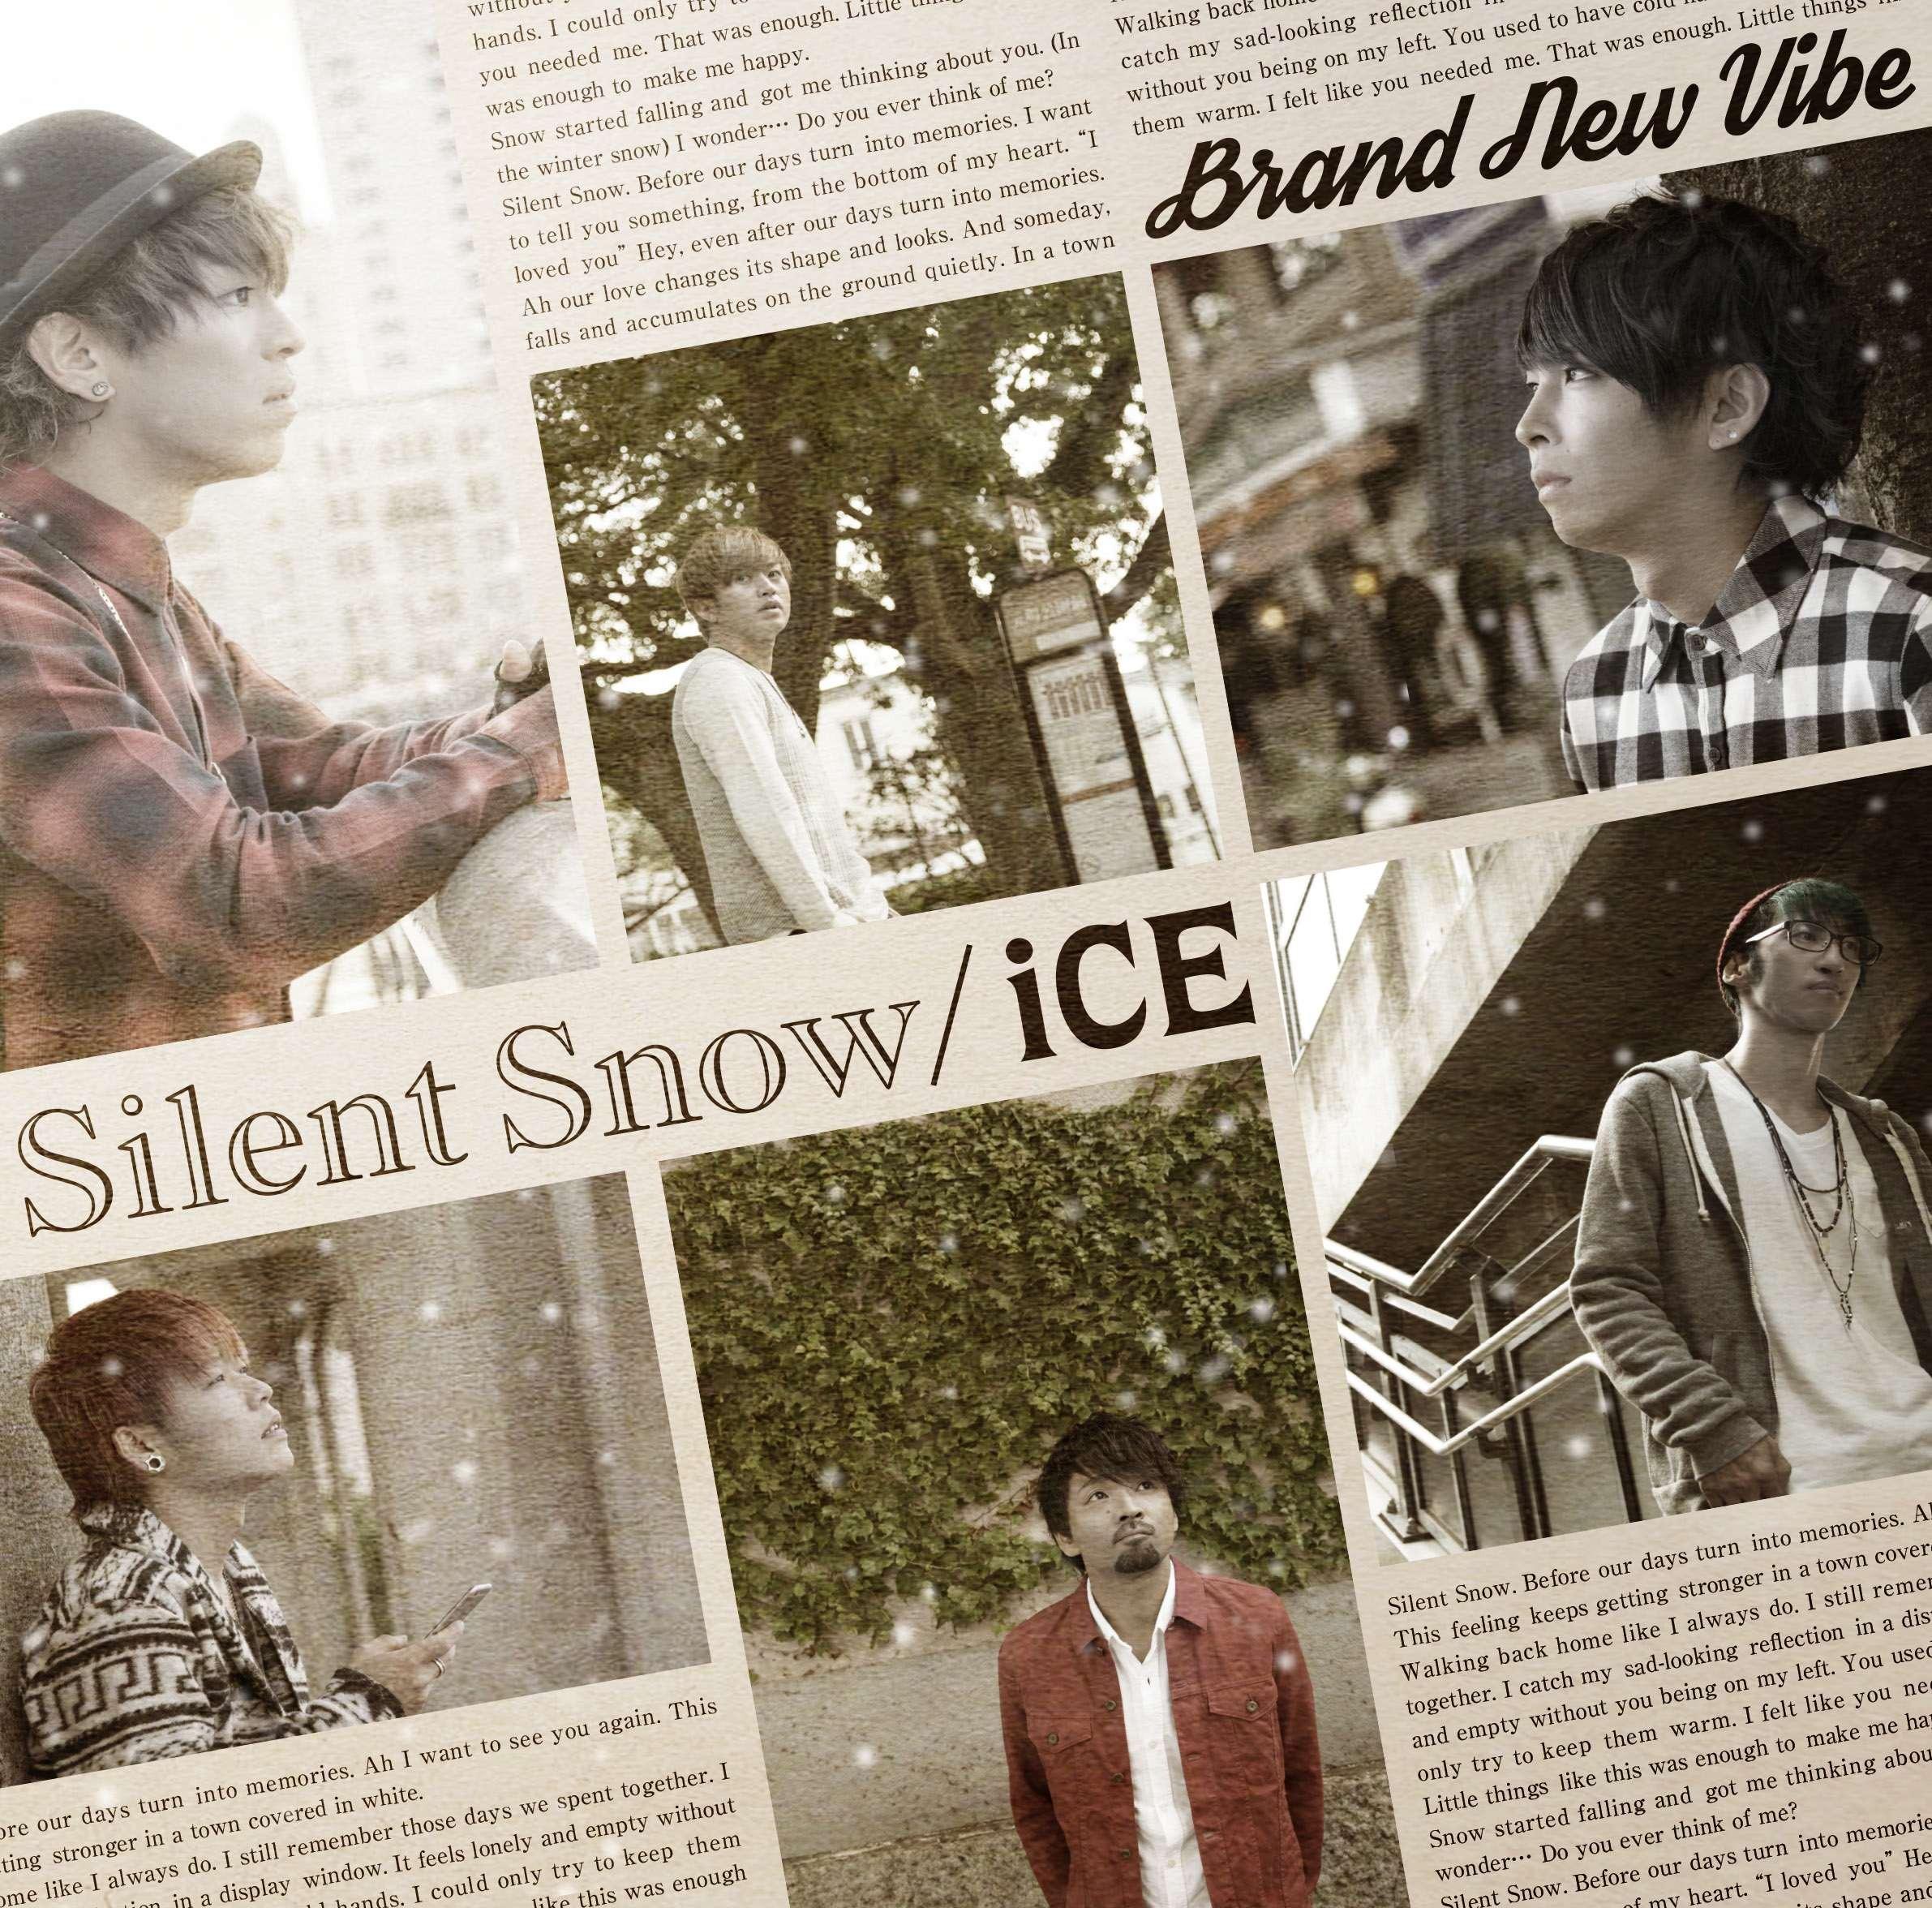 11/4発売 New Single『Silent Snow / iCE』(ご予約商品)